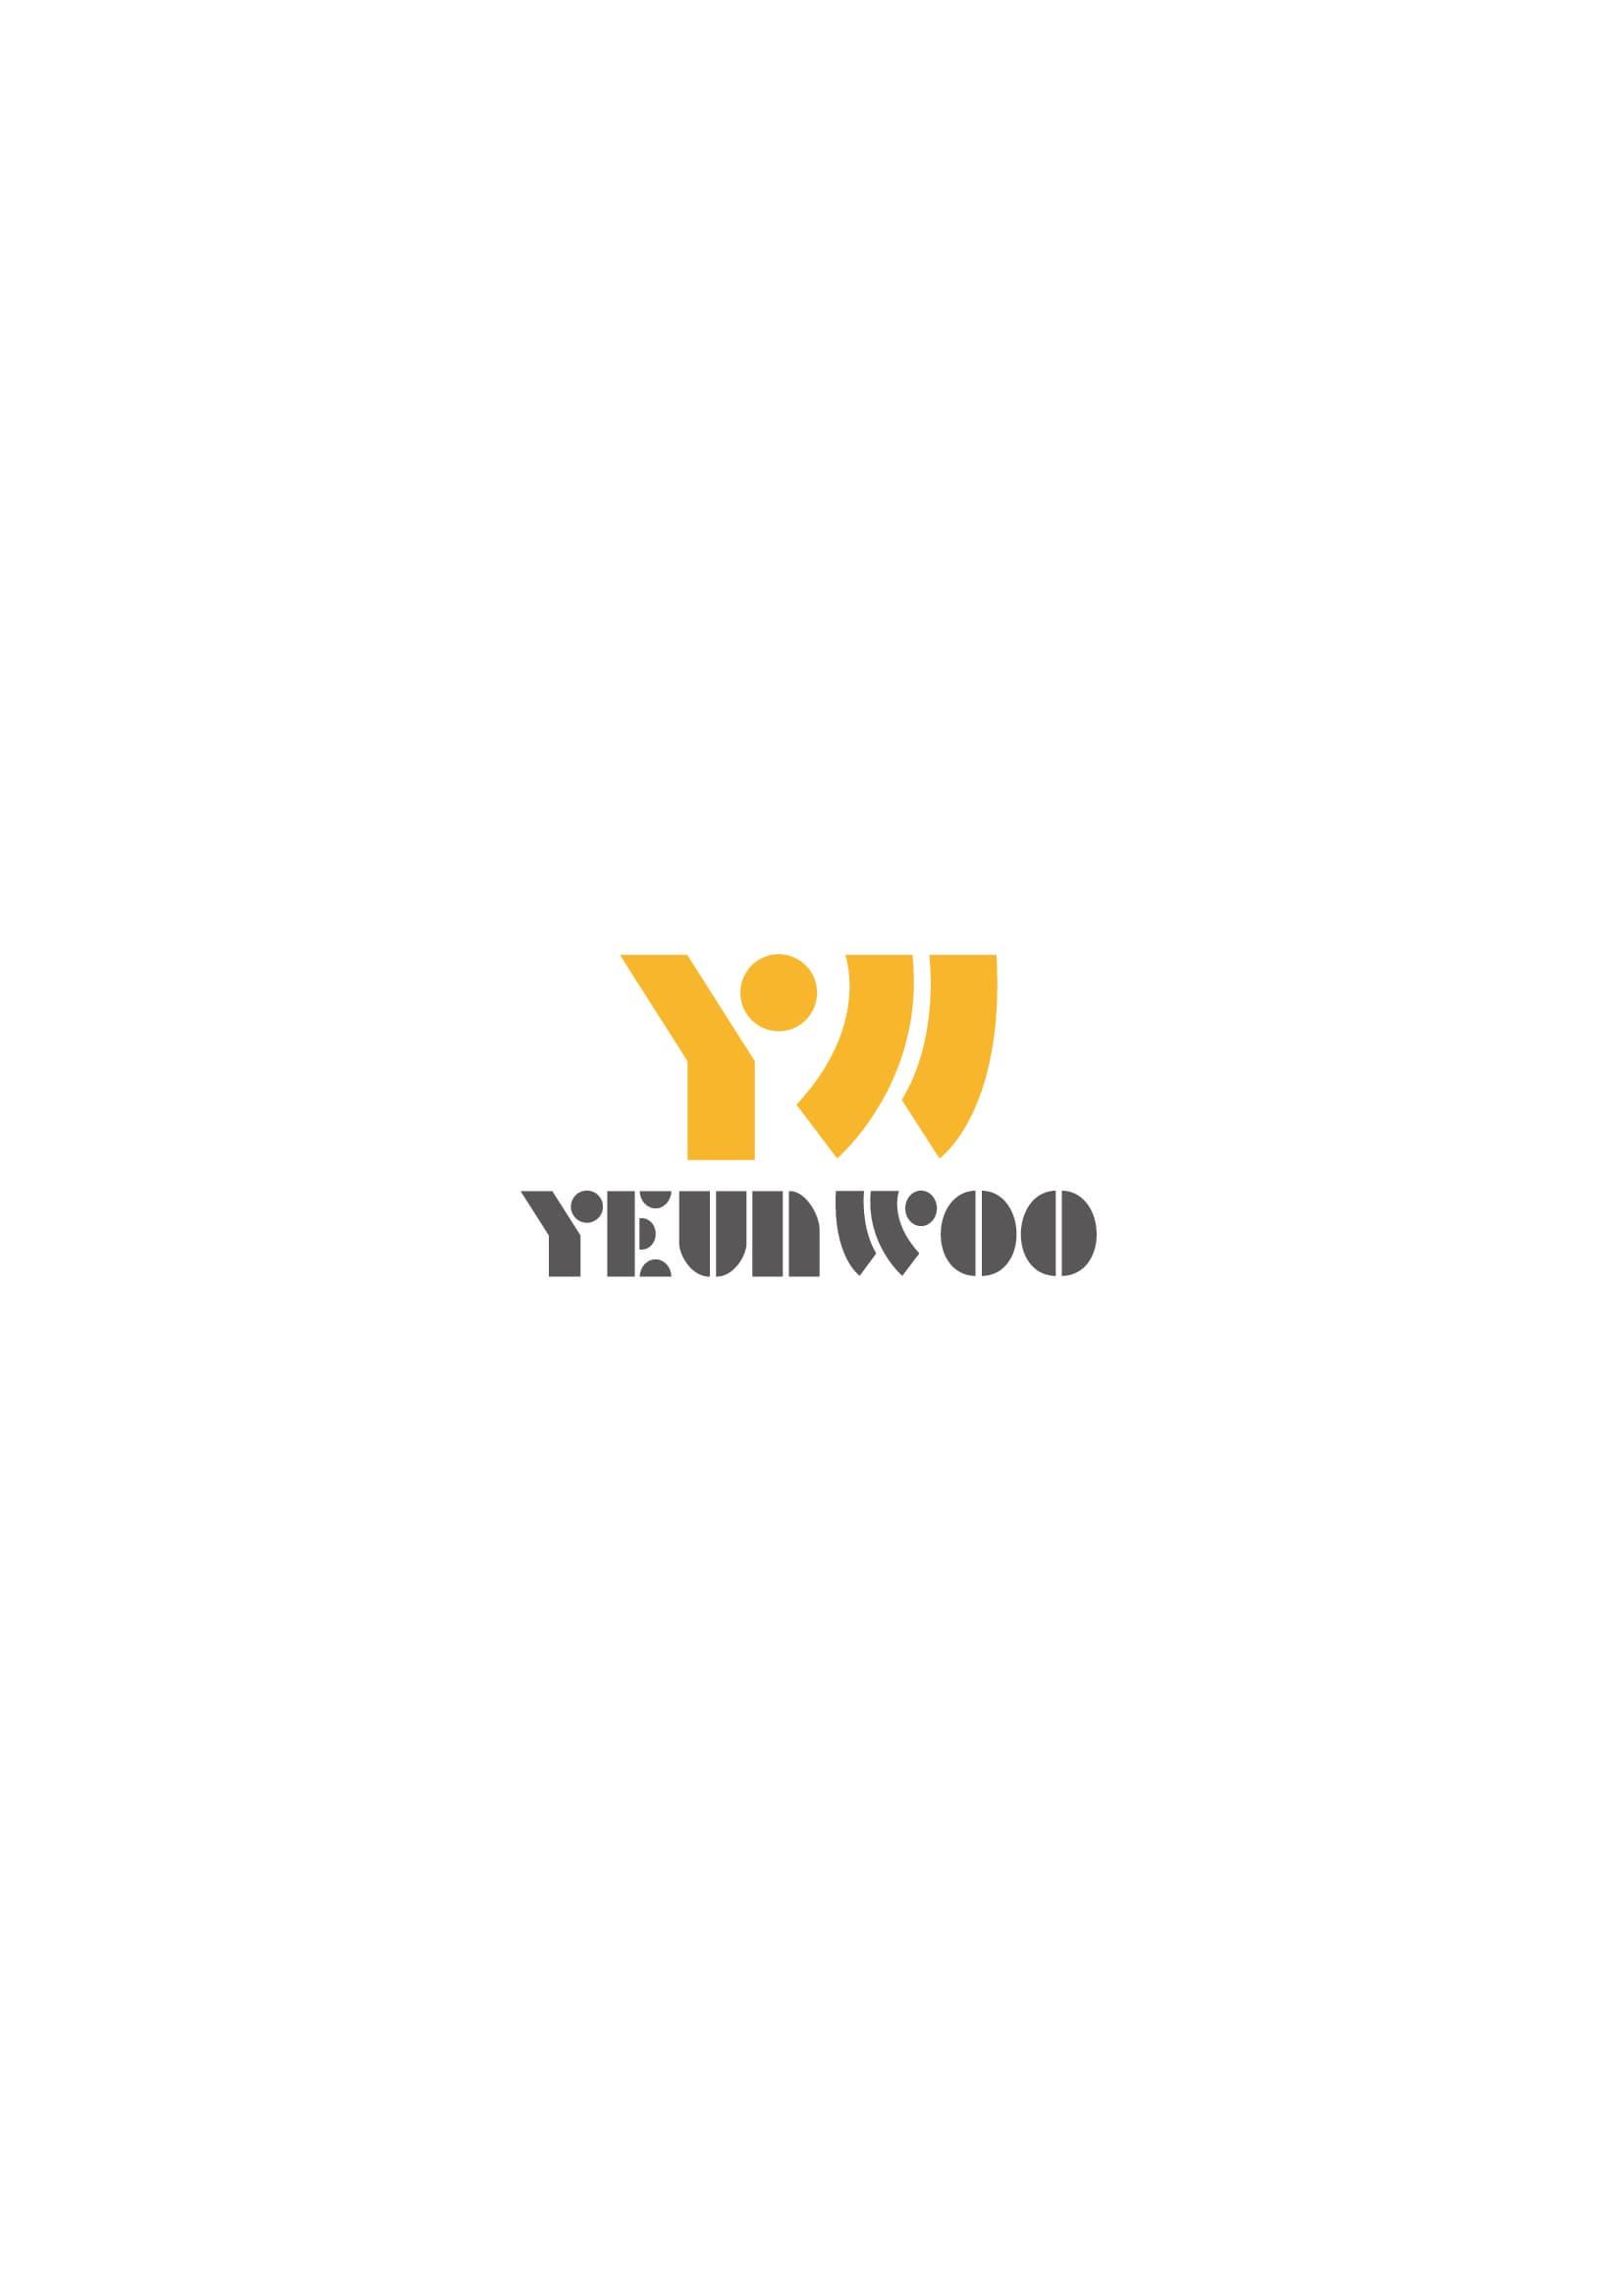 YEUNWOO